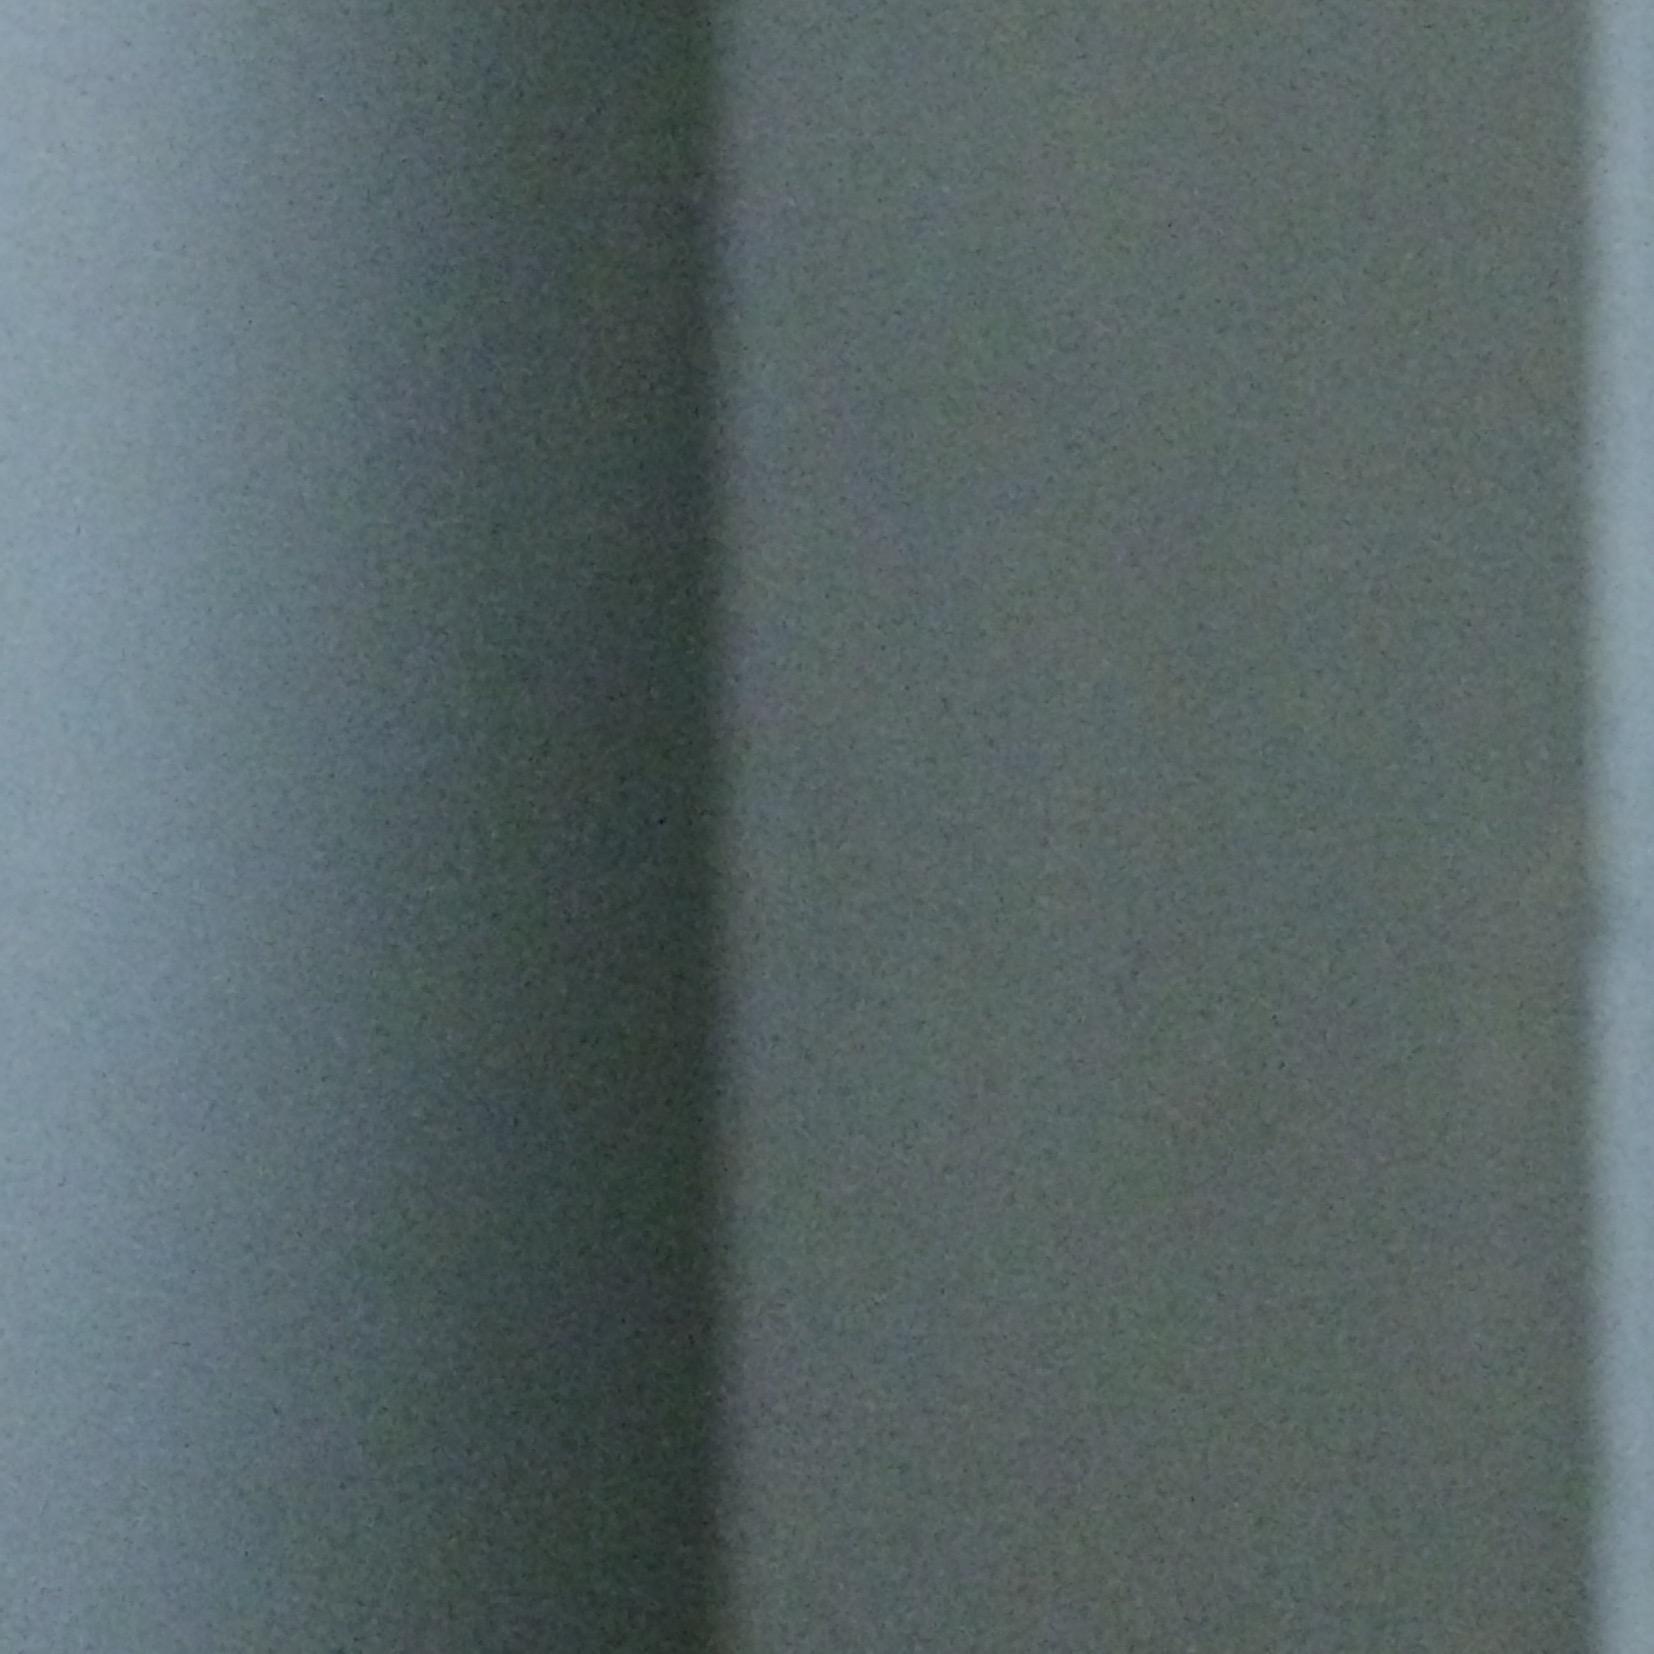 LINEAE_7.jpg